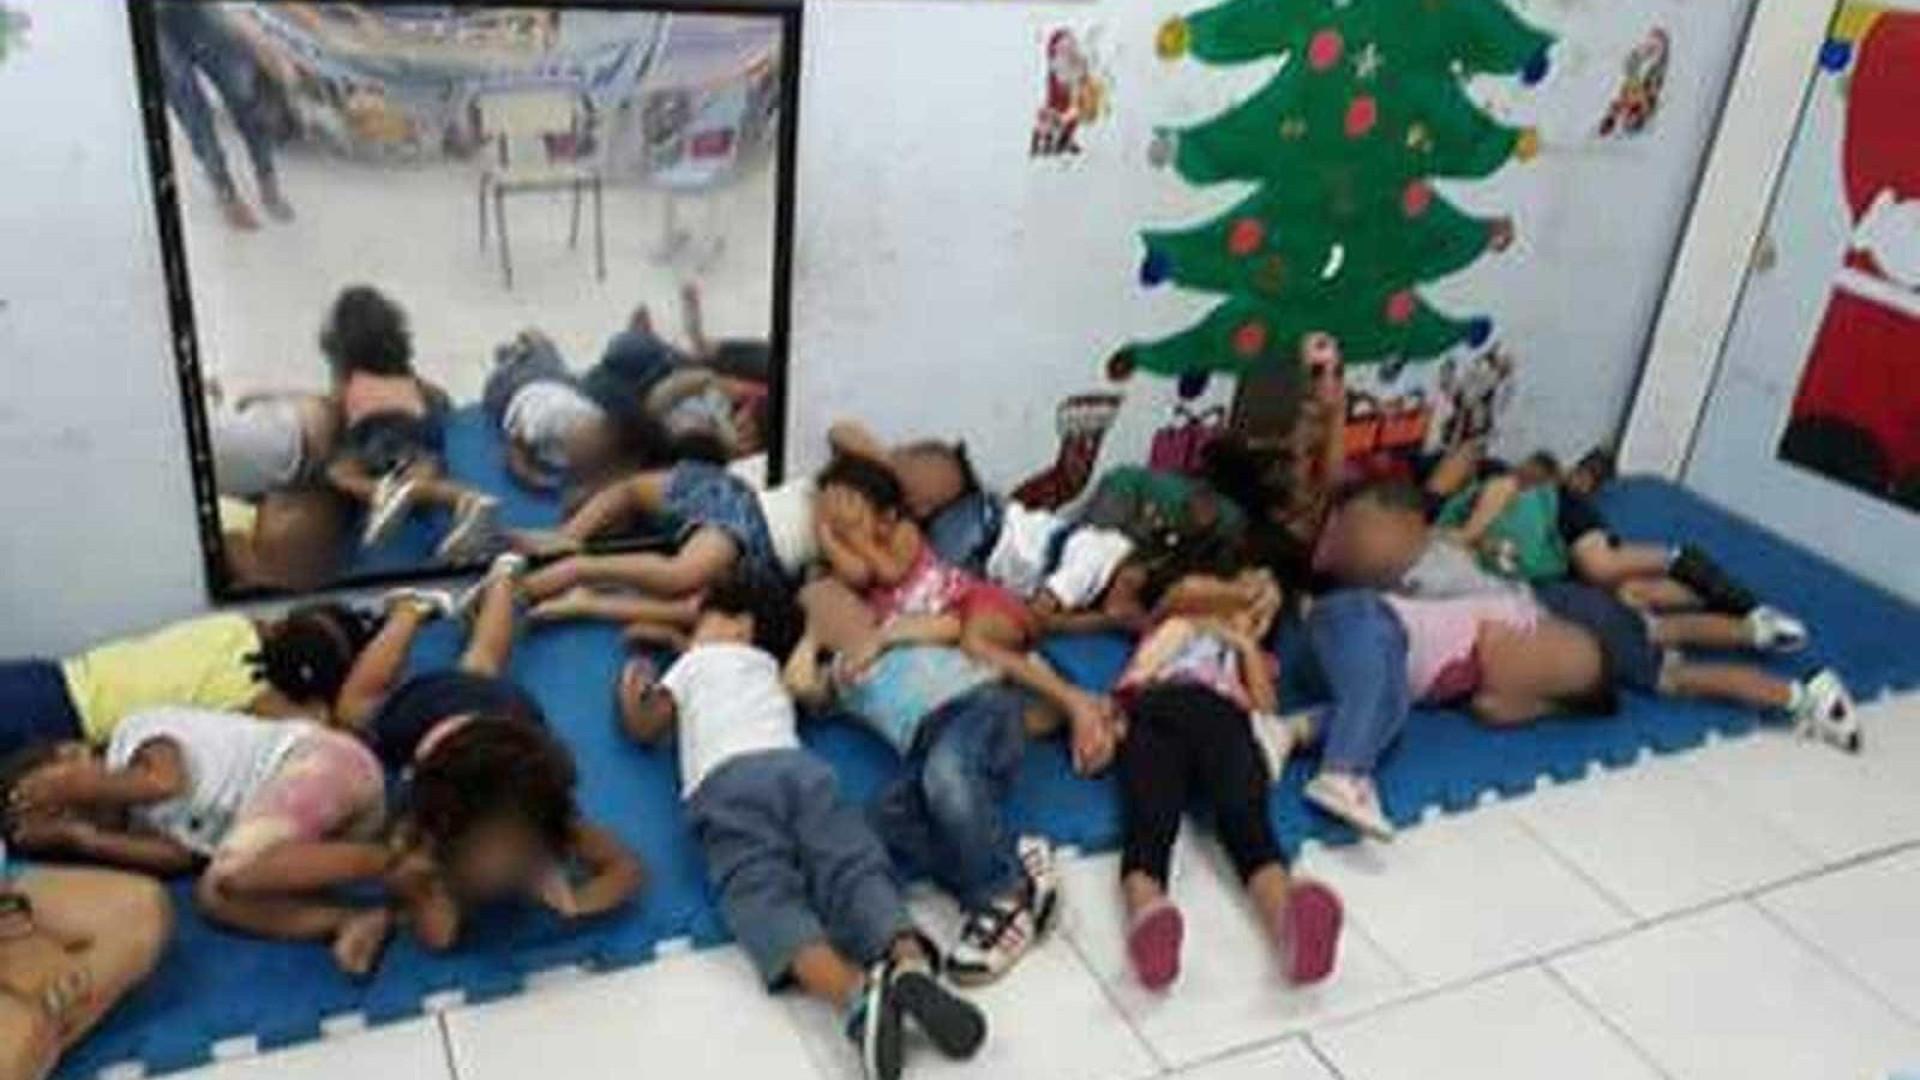 Crianças deitam em chão de creche para se protegerem de tiros na Maré